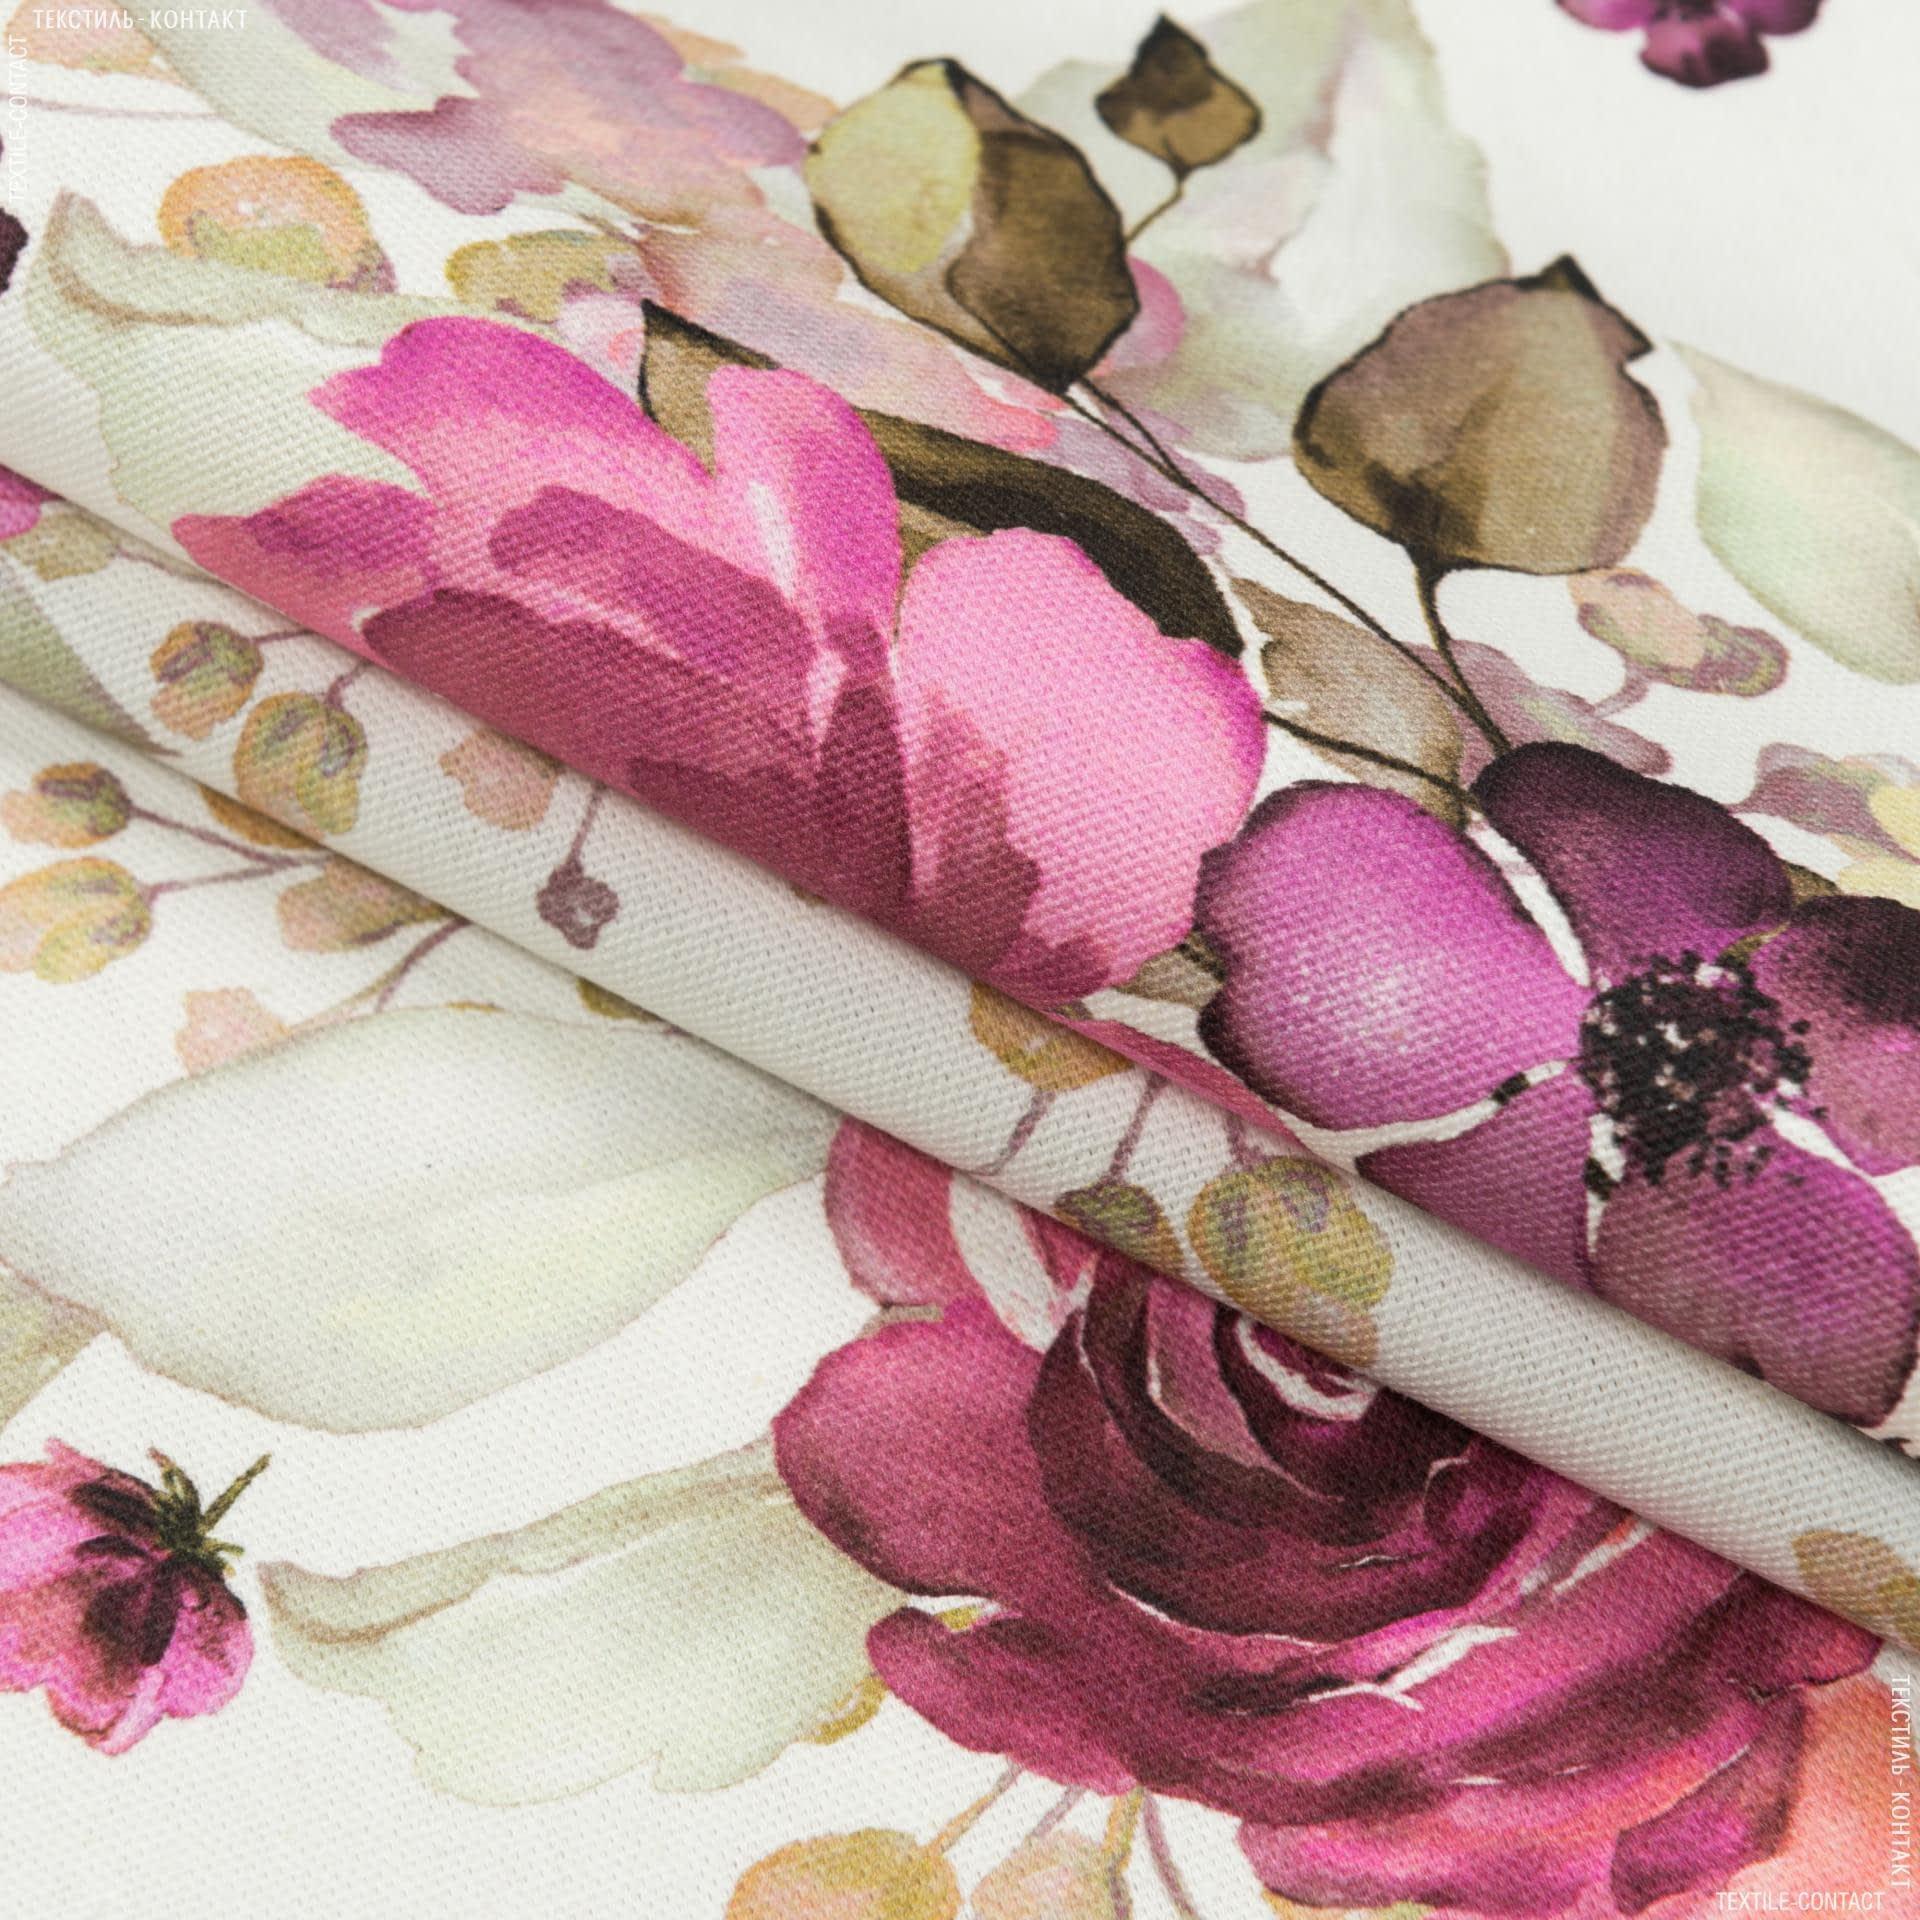 Тканини портьєрні тканини - Декоративна тканина троянди фрез